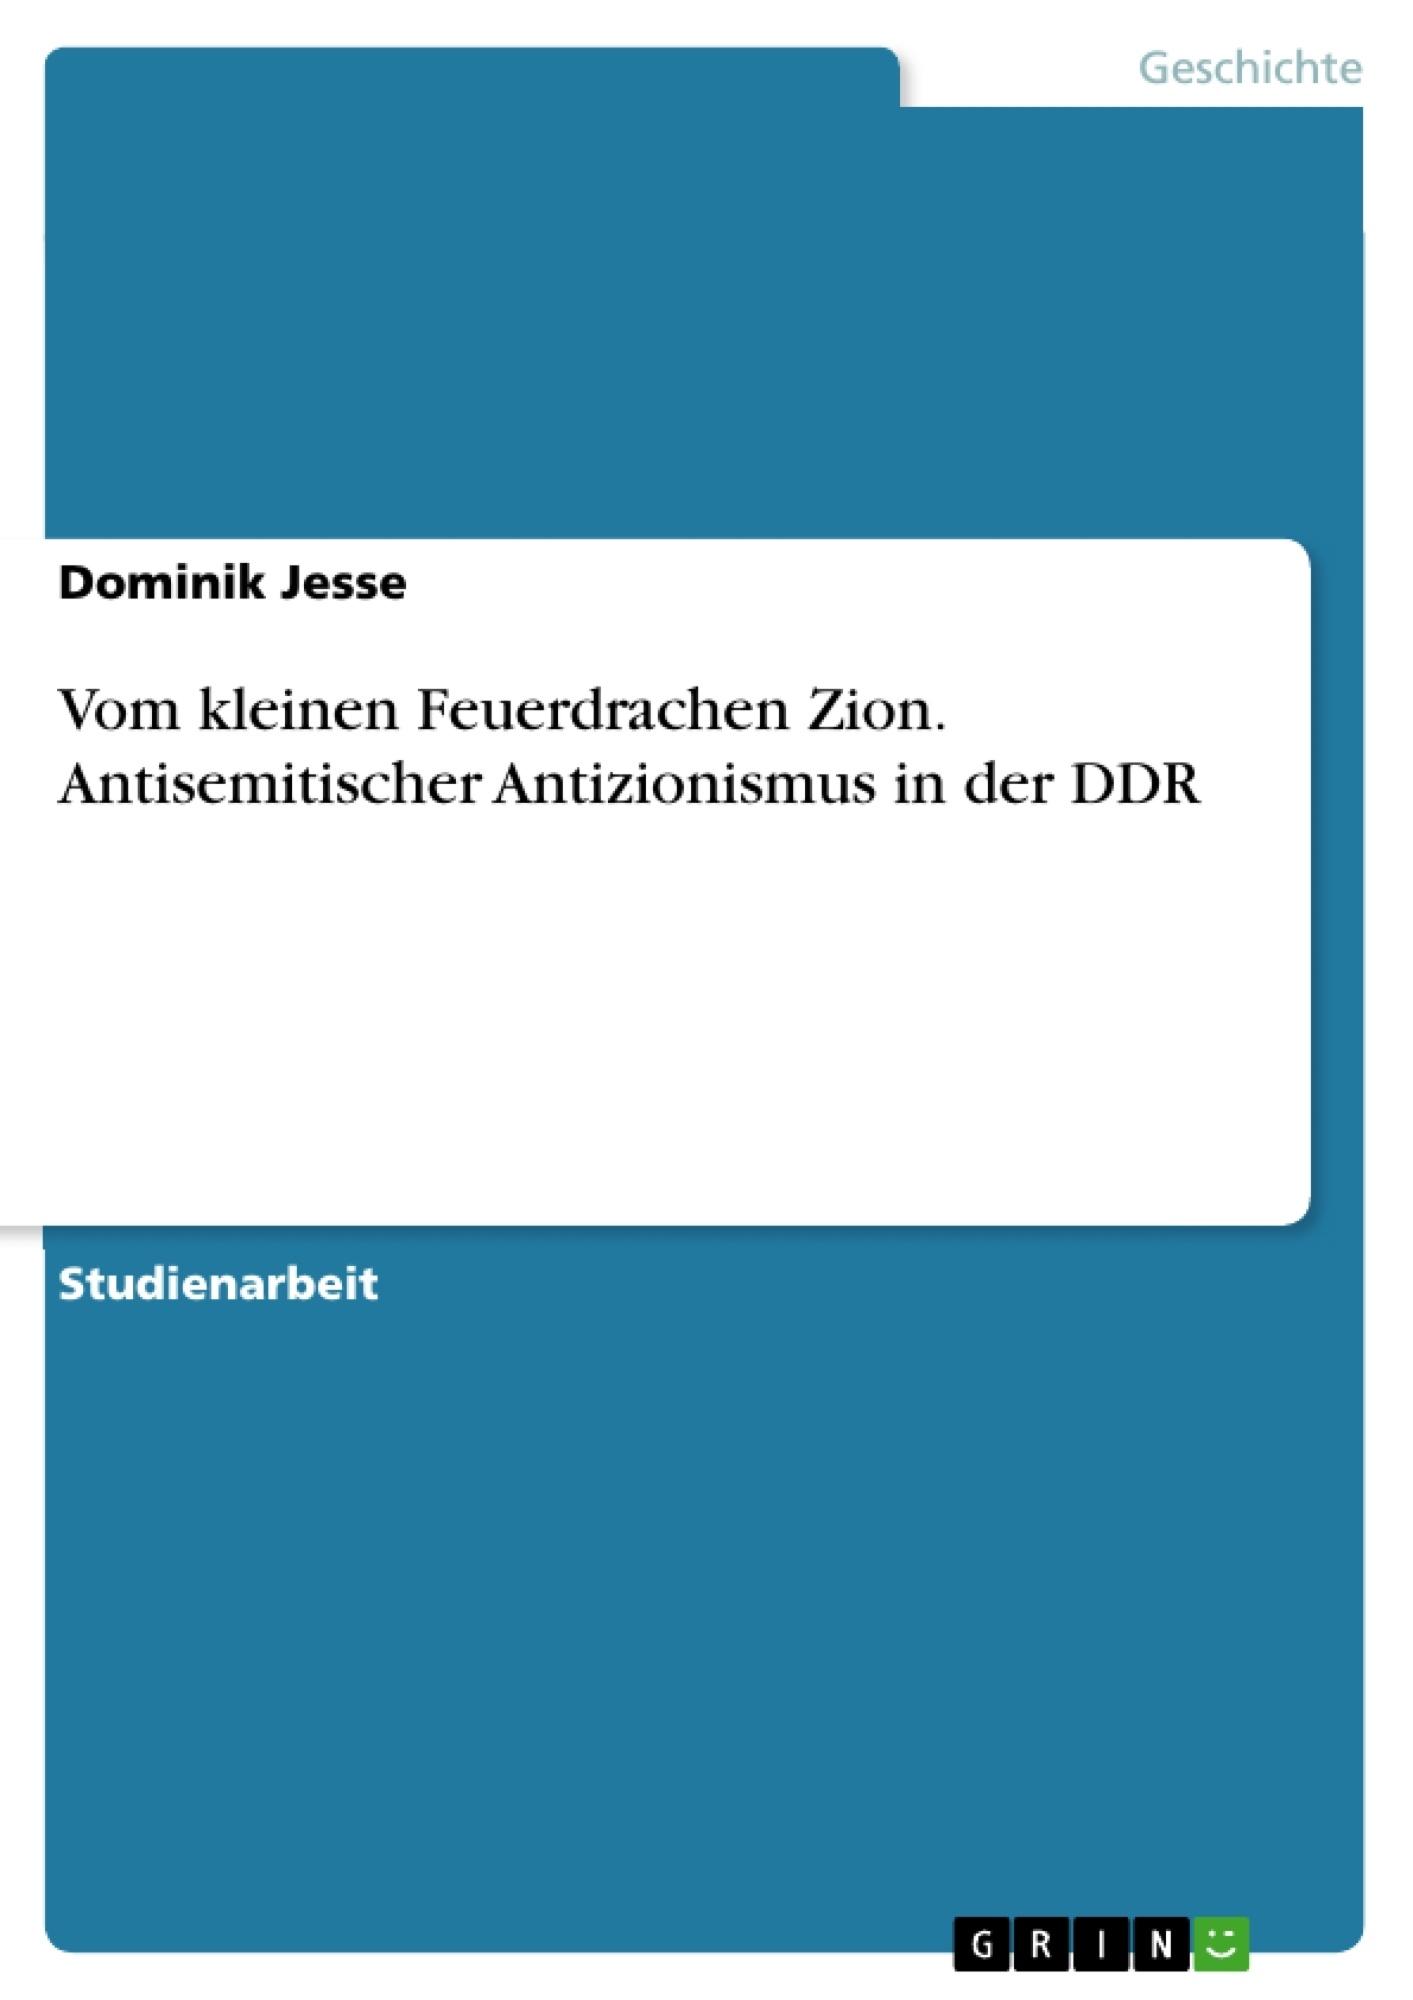 Titel: Vom kleinen Feuerdrachen Zion. Antisemitischer Antizionismus in der DDR